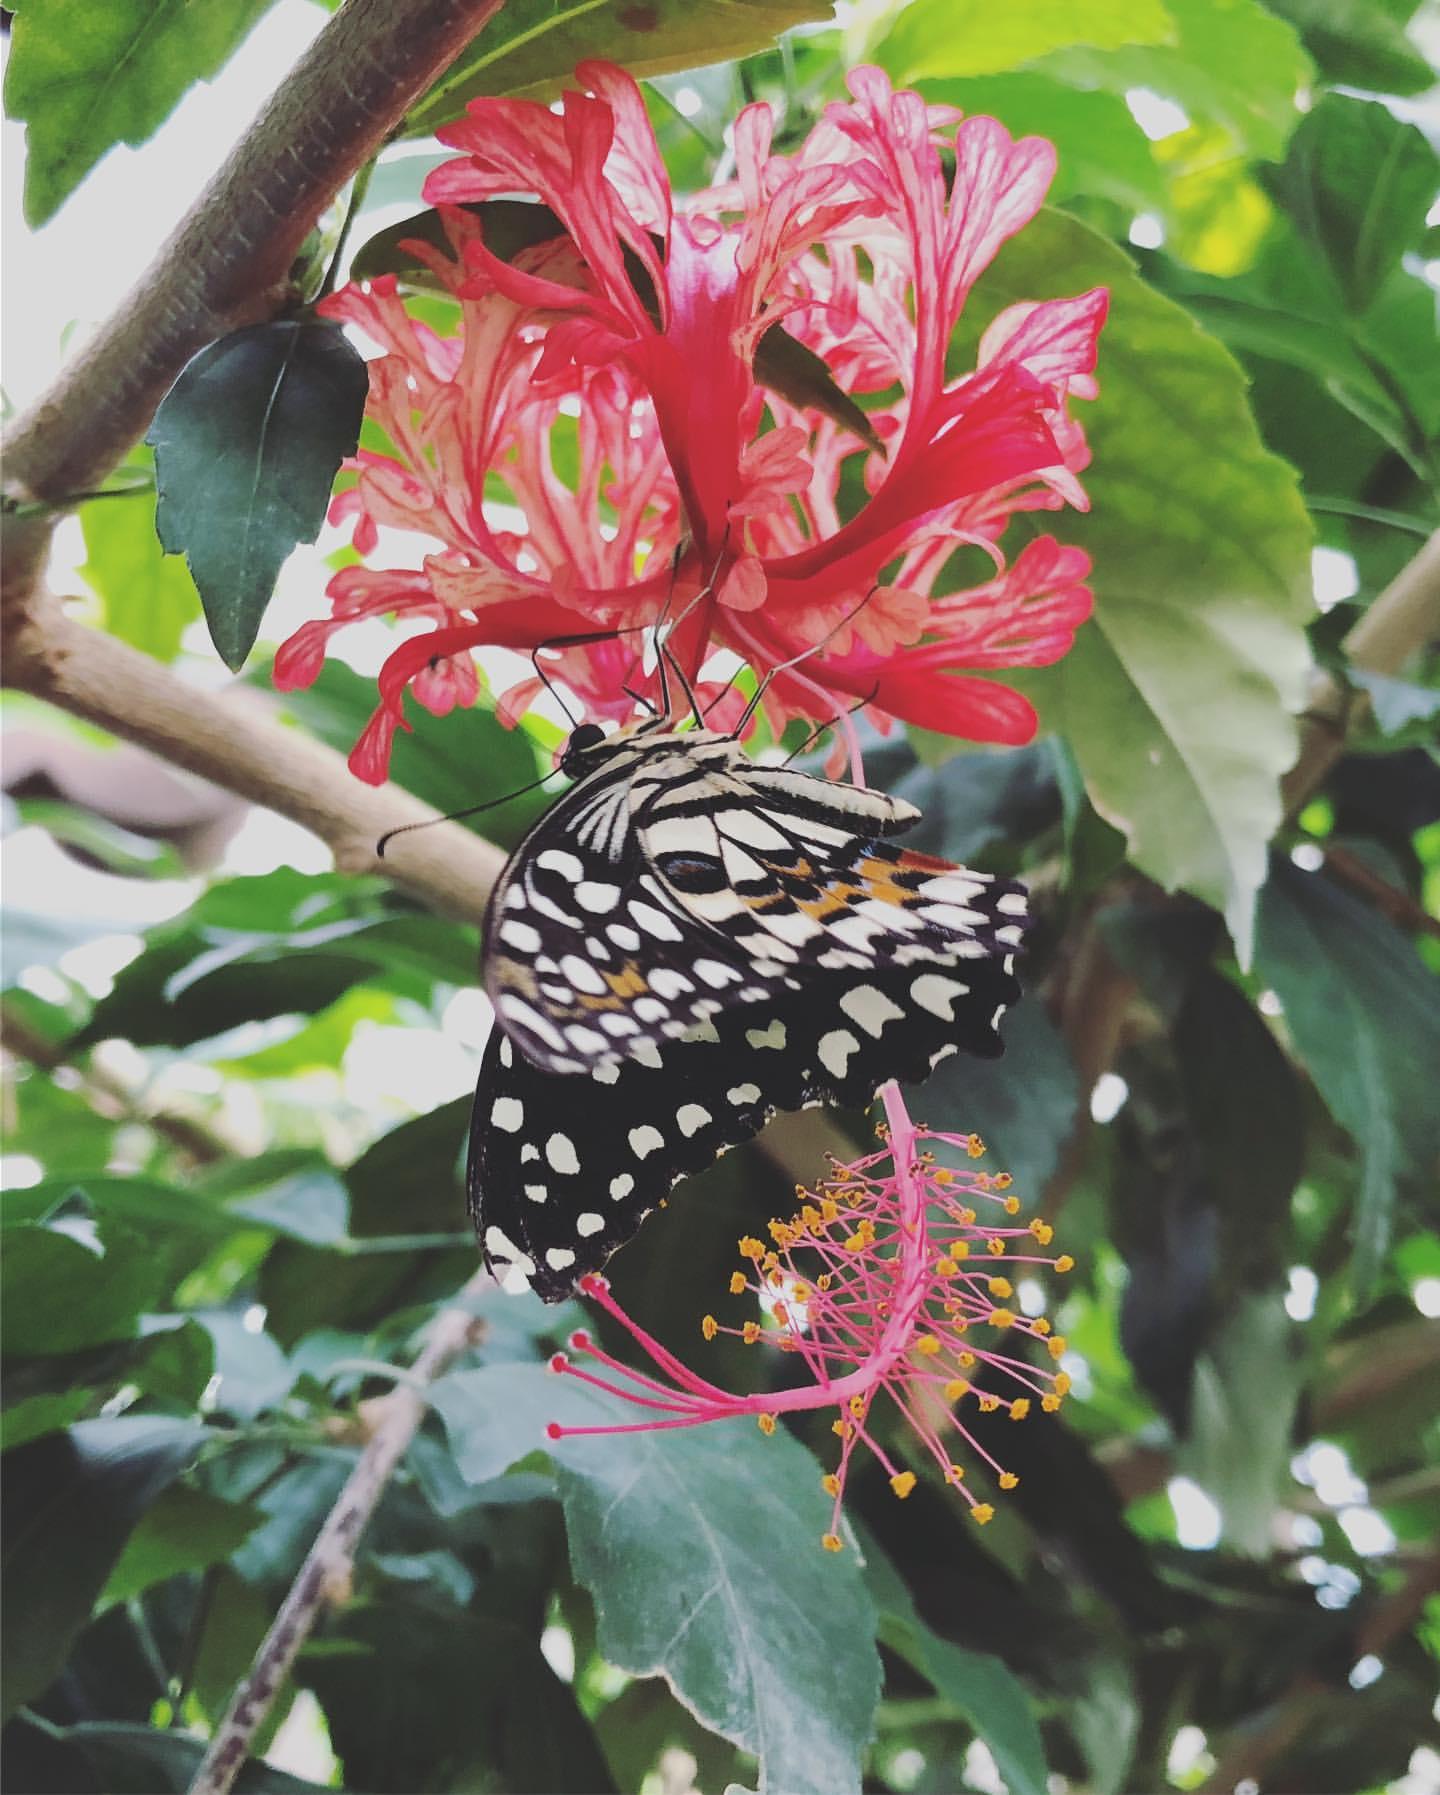 Le Jardin Des Papillons Charmant Instagram Posts at Jardin Des Papillons Grevenmacher